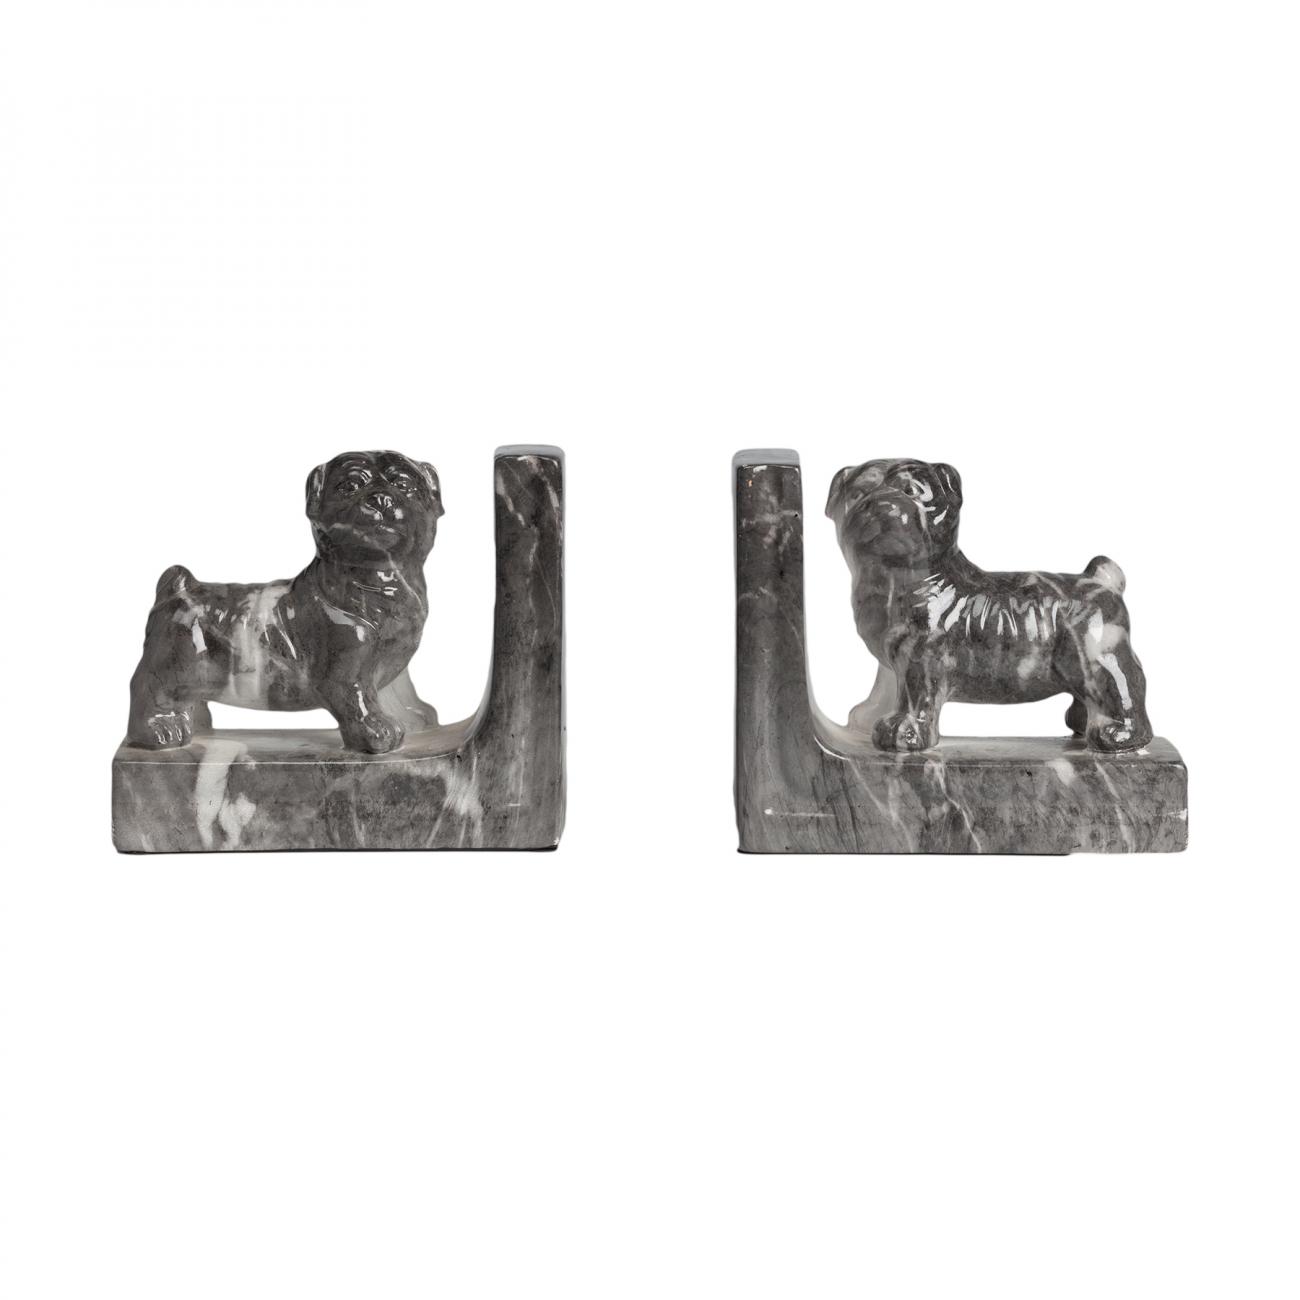 Купить Набор держателей для книг Doggies в интернет магазине дизайнерской мебели и аксессуаров для дома и дачи